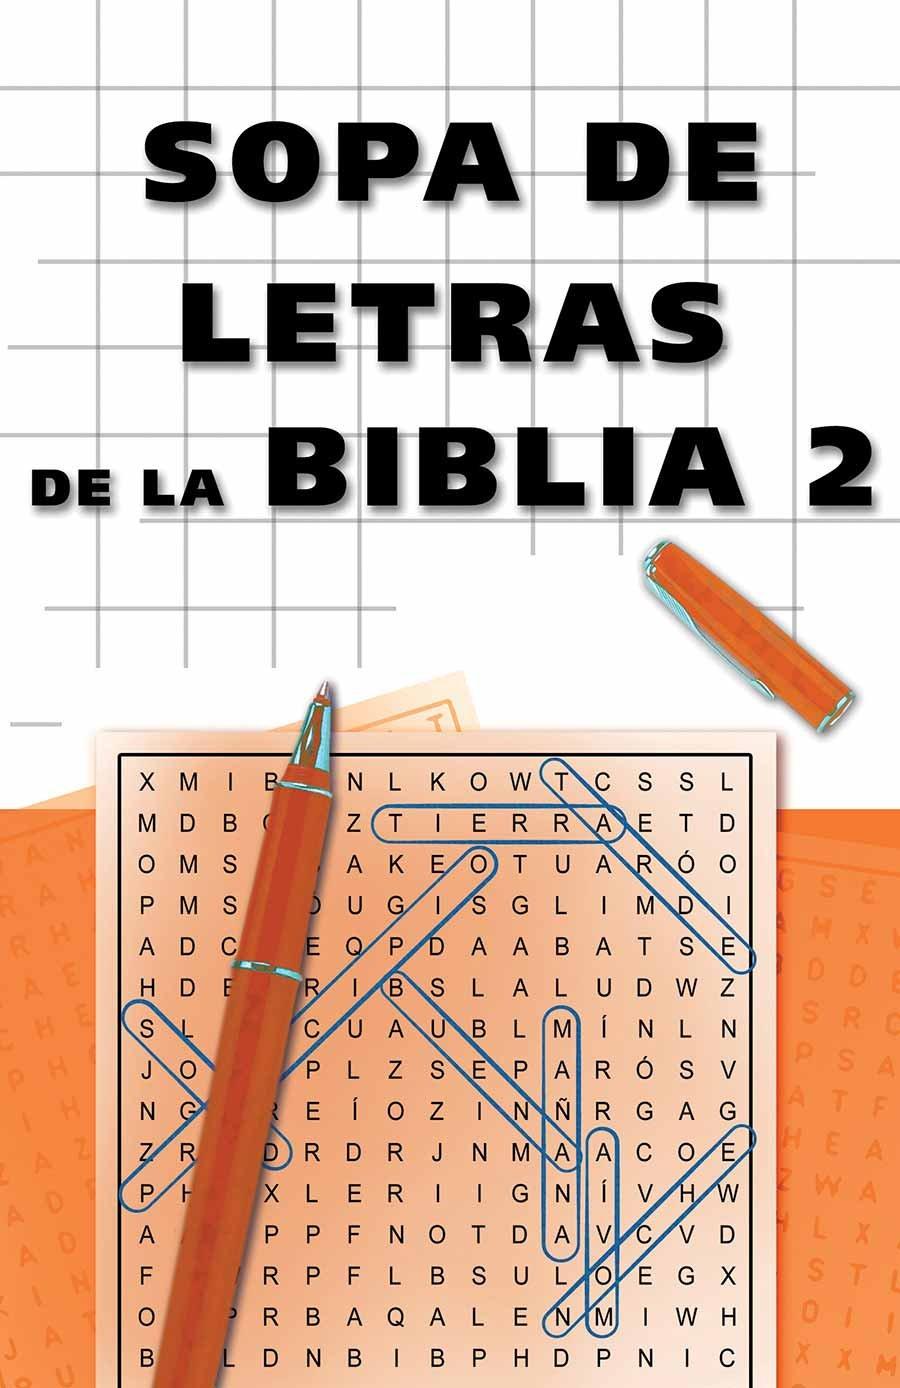 Sopa de letras de la Biblia 2: Bible Word Search 2 (Spanish Edition) pdf epub